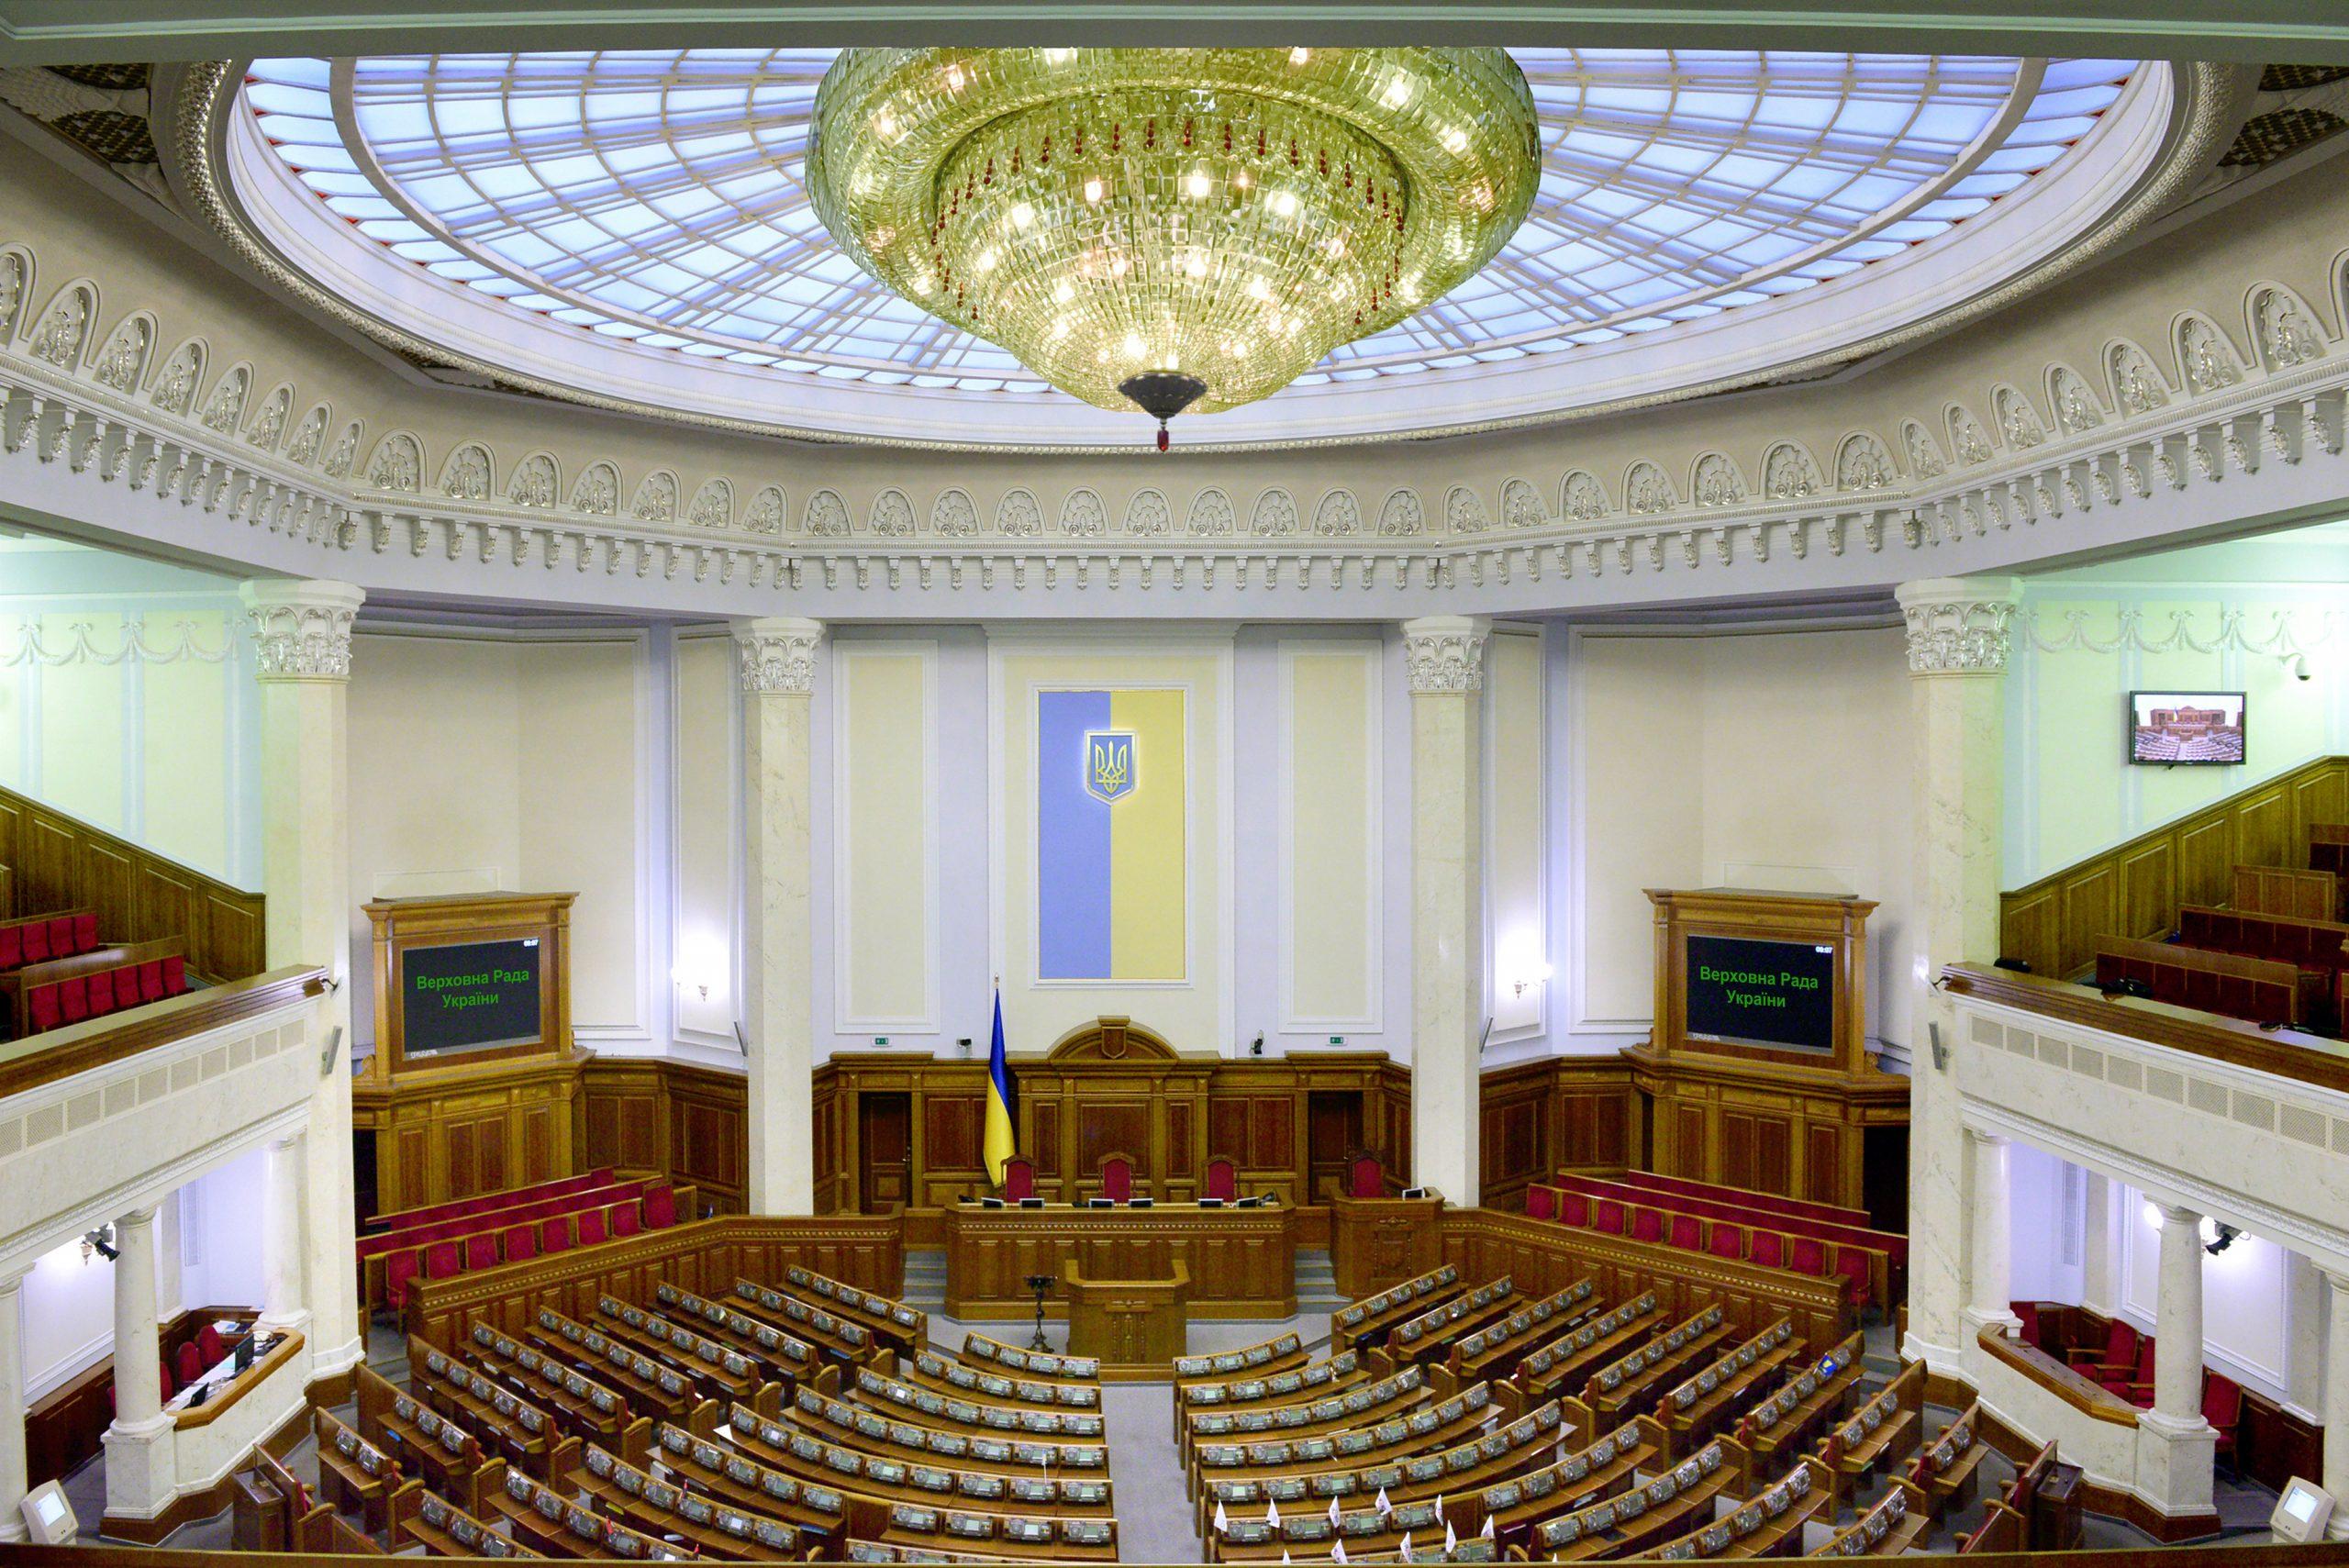 Владение иностранными компаниями гражданина Украины